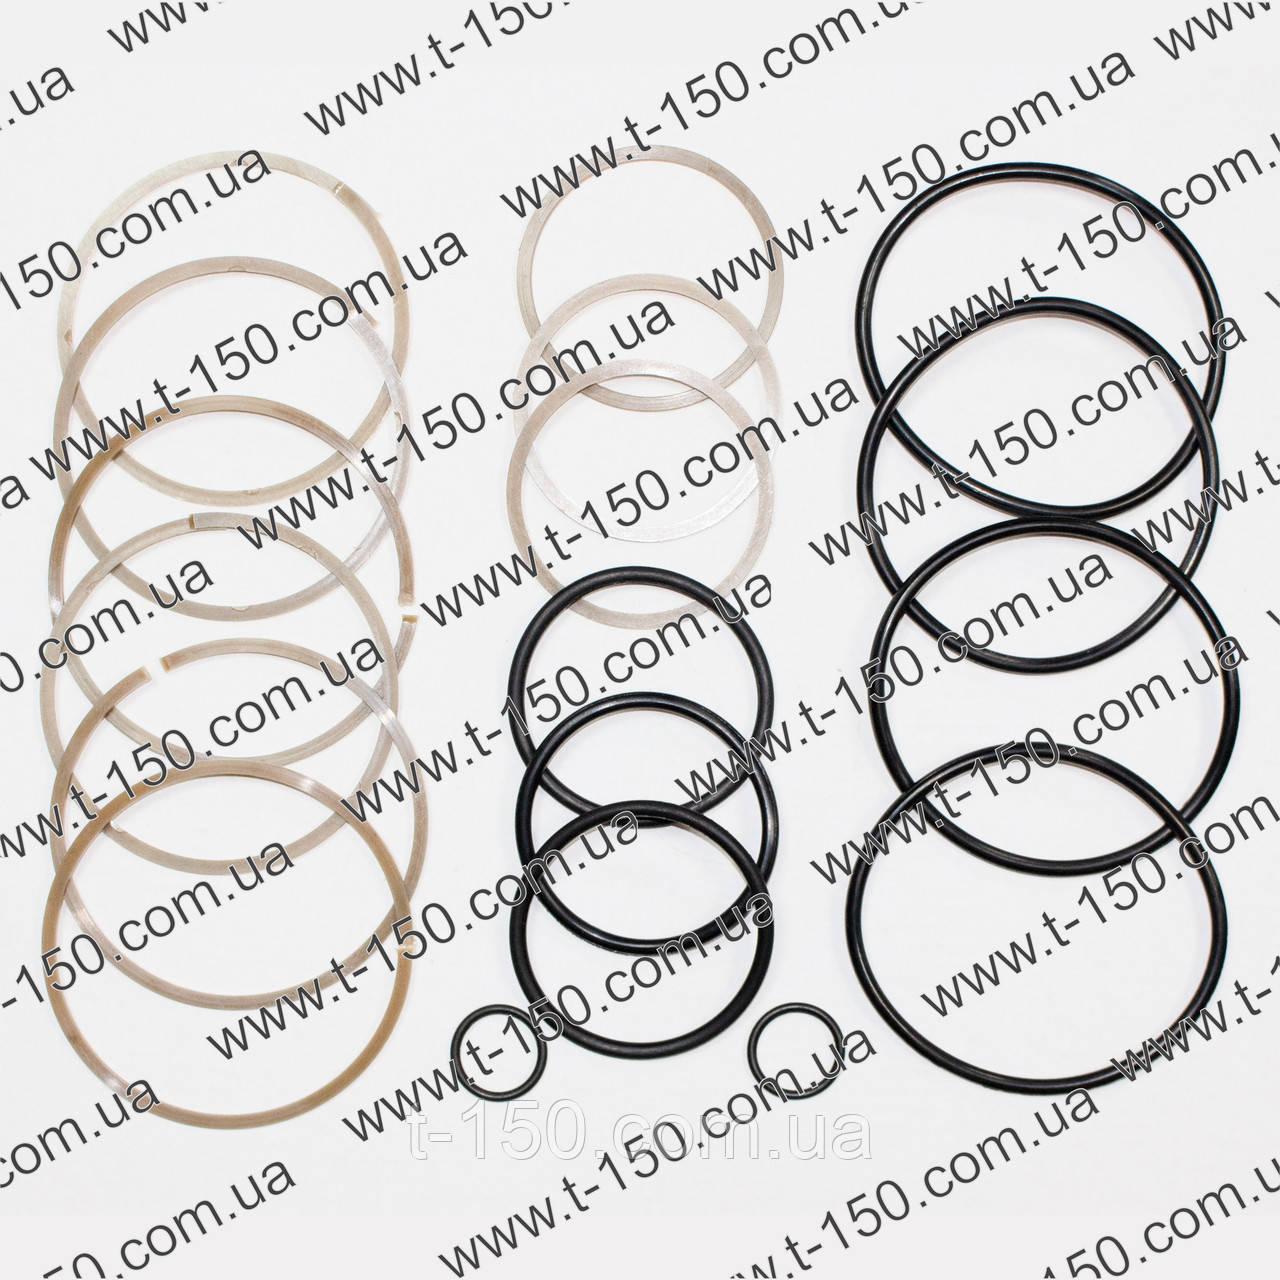 Ремкомплект гидроцилиндра бульдозера ЭО-4321, 10.04.00.000